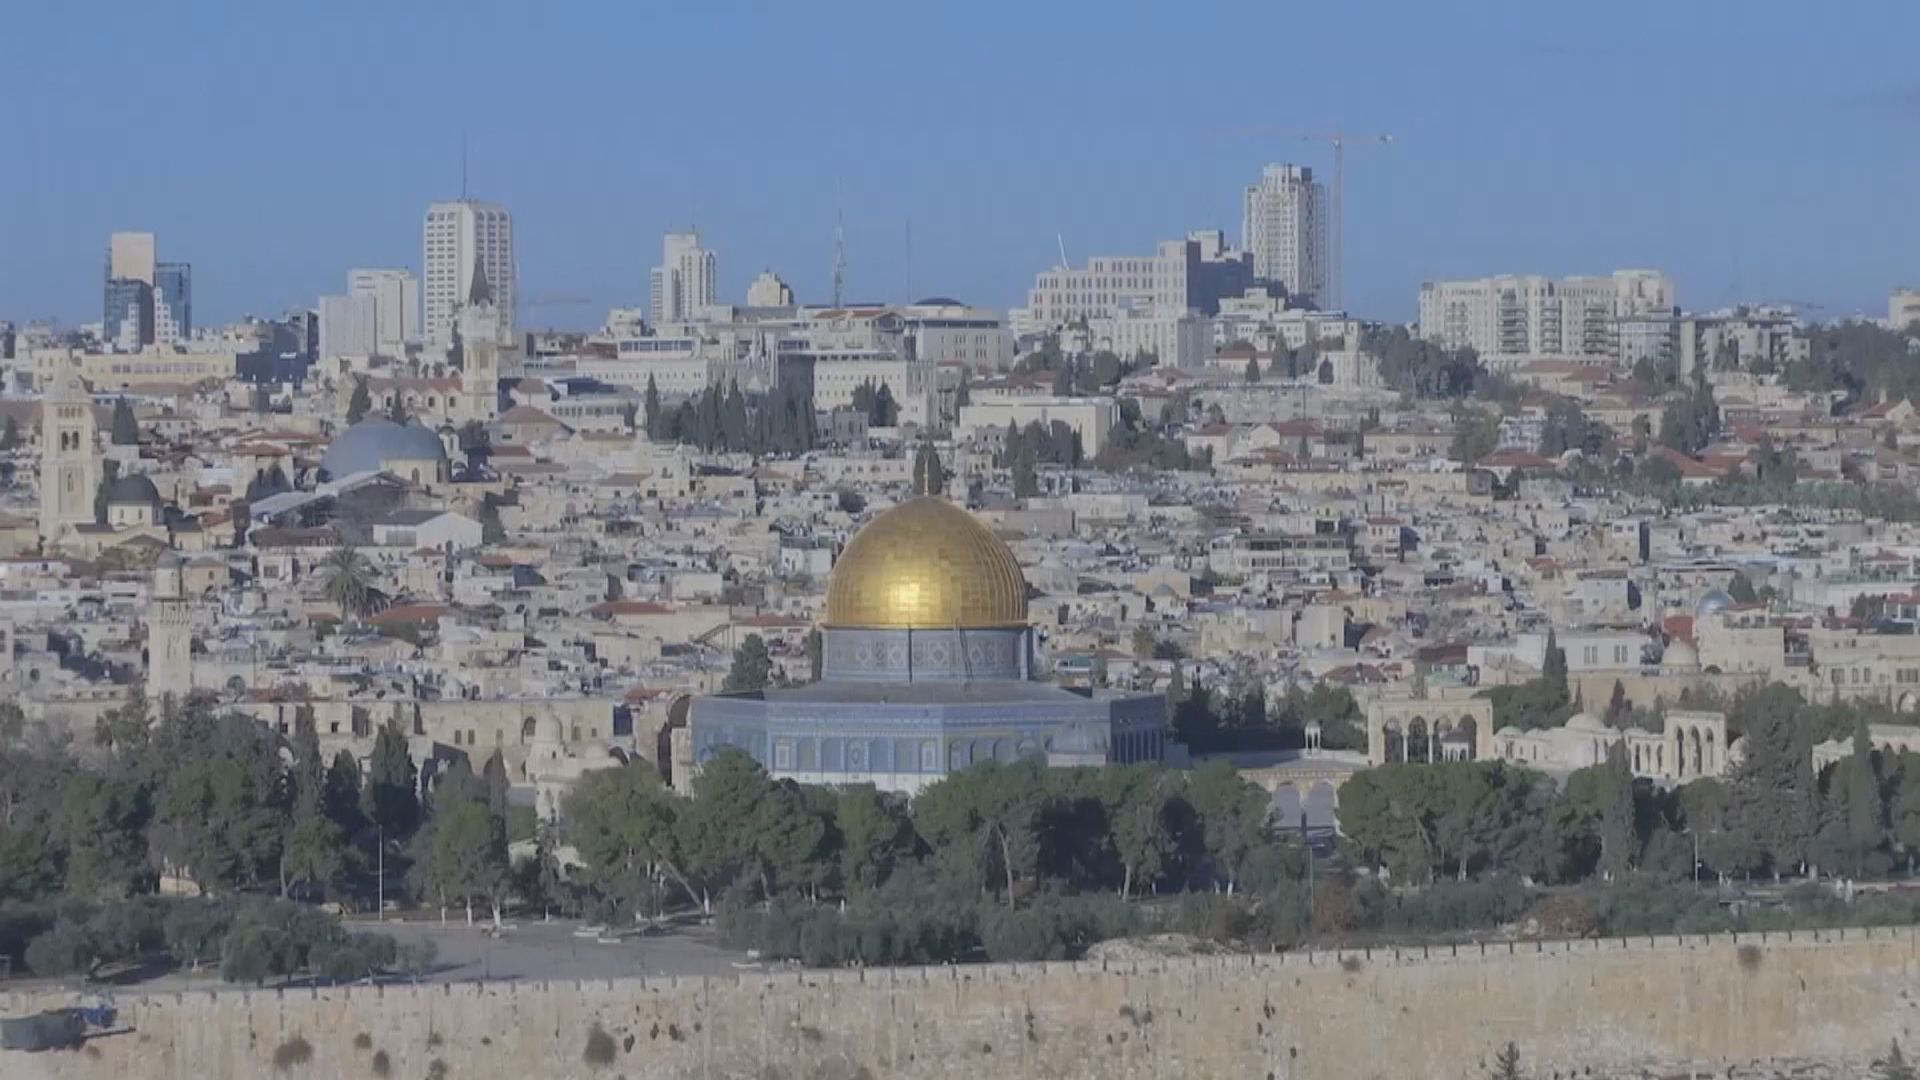 【環球薈報】波蘭以色列就追討沒收財產期限爭拗持續